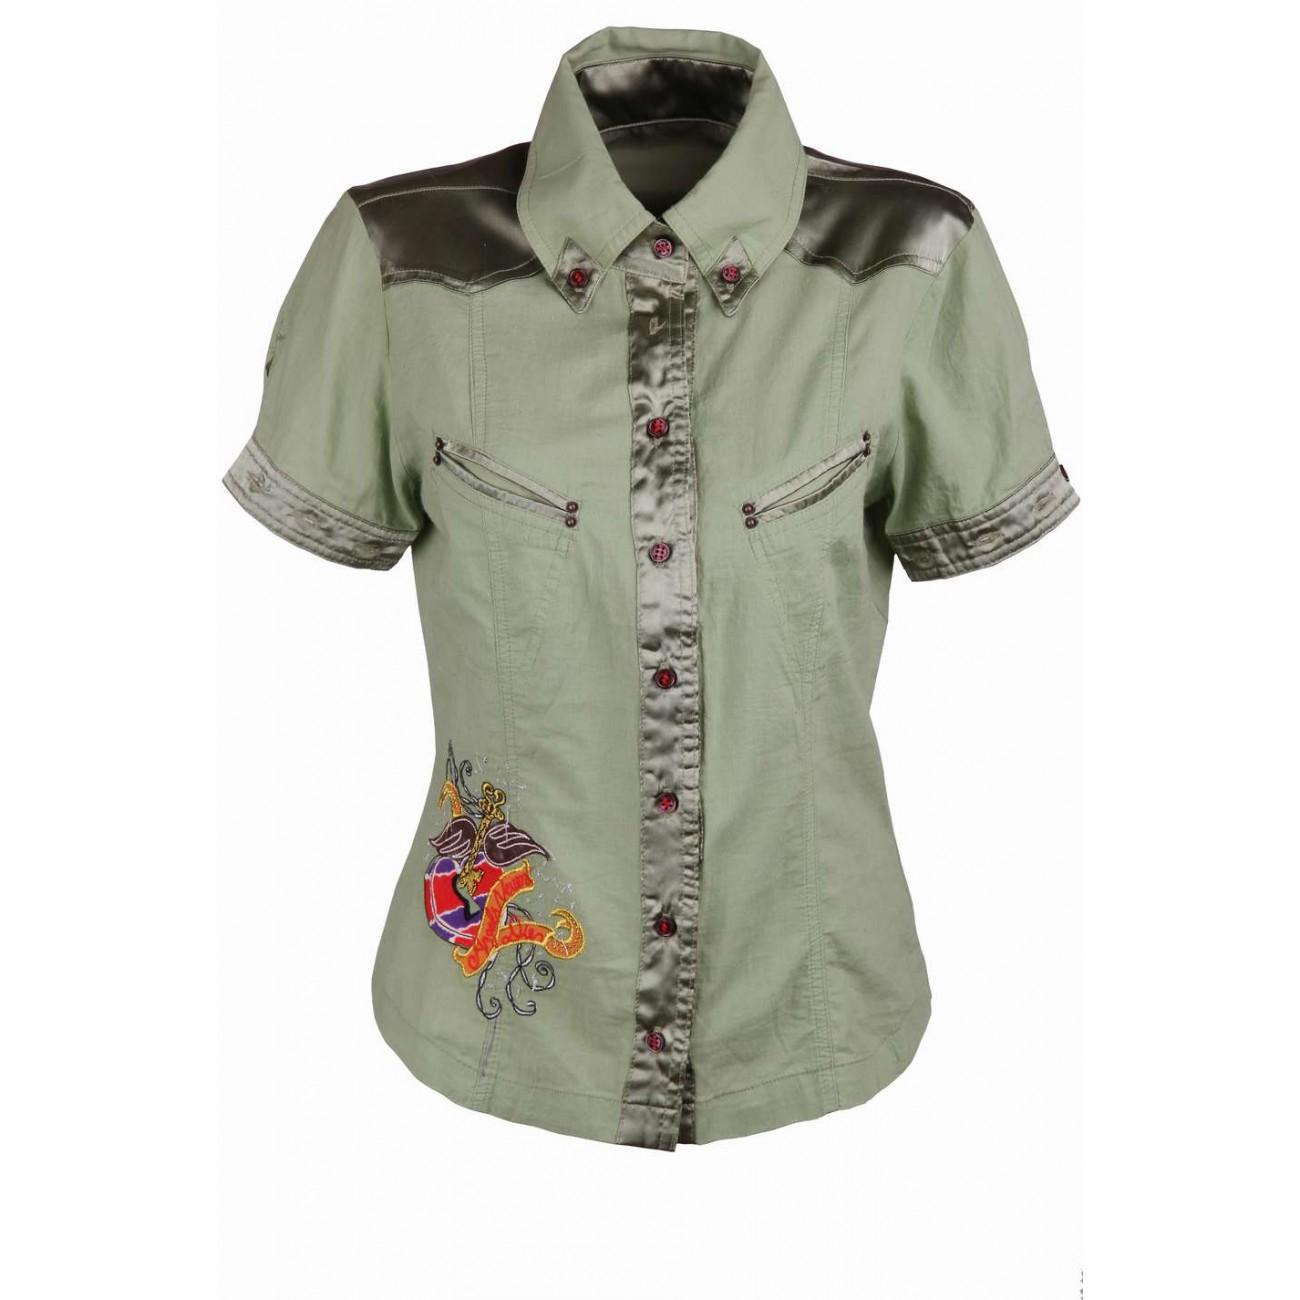 Рубашка со съемным рукавом, атласными вставками и вышивкой